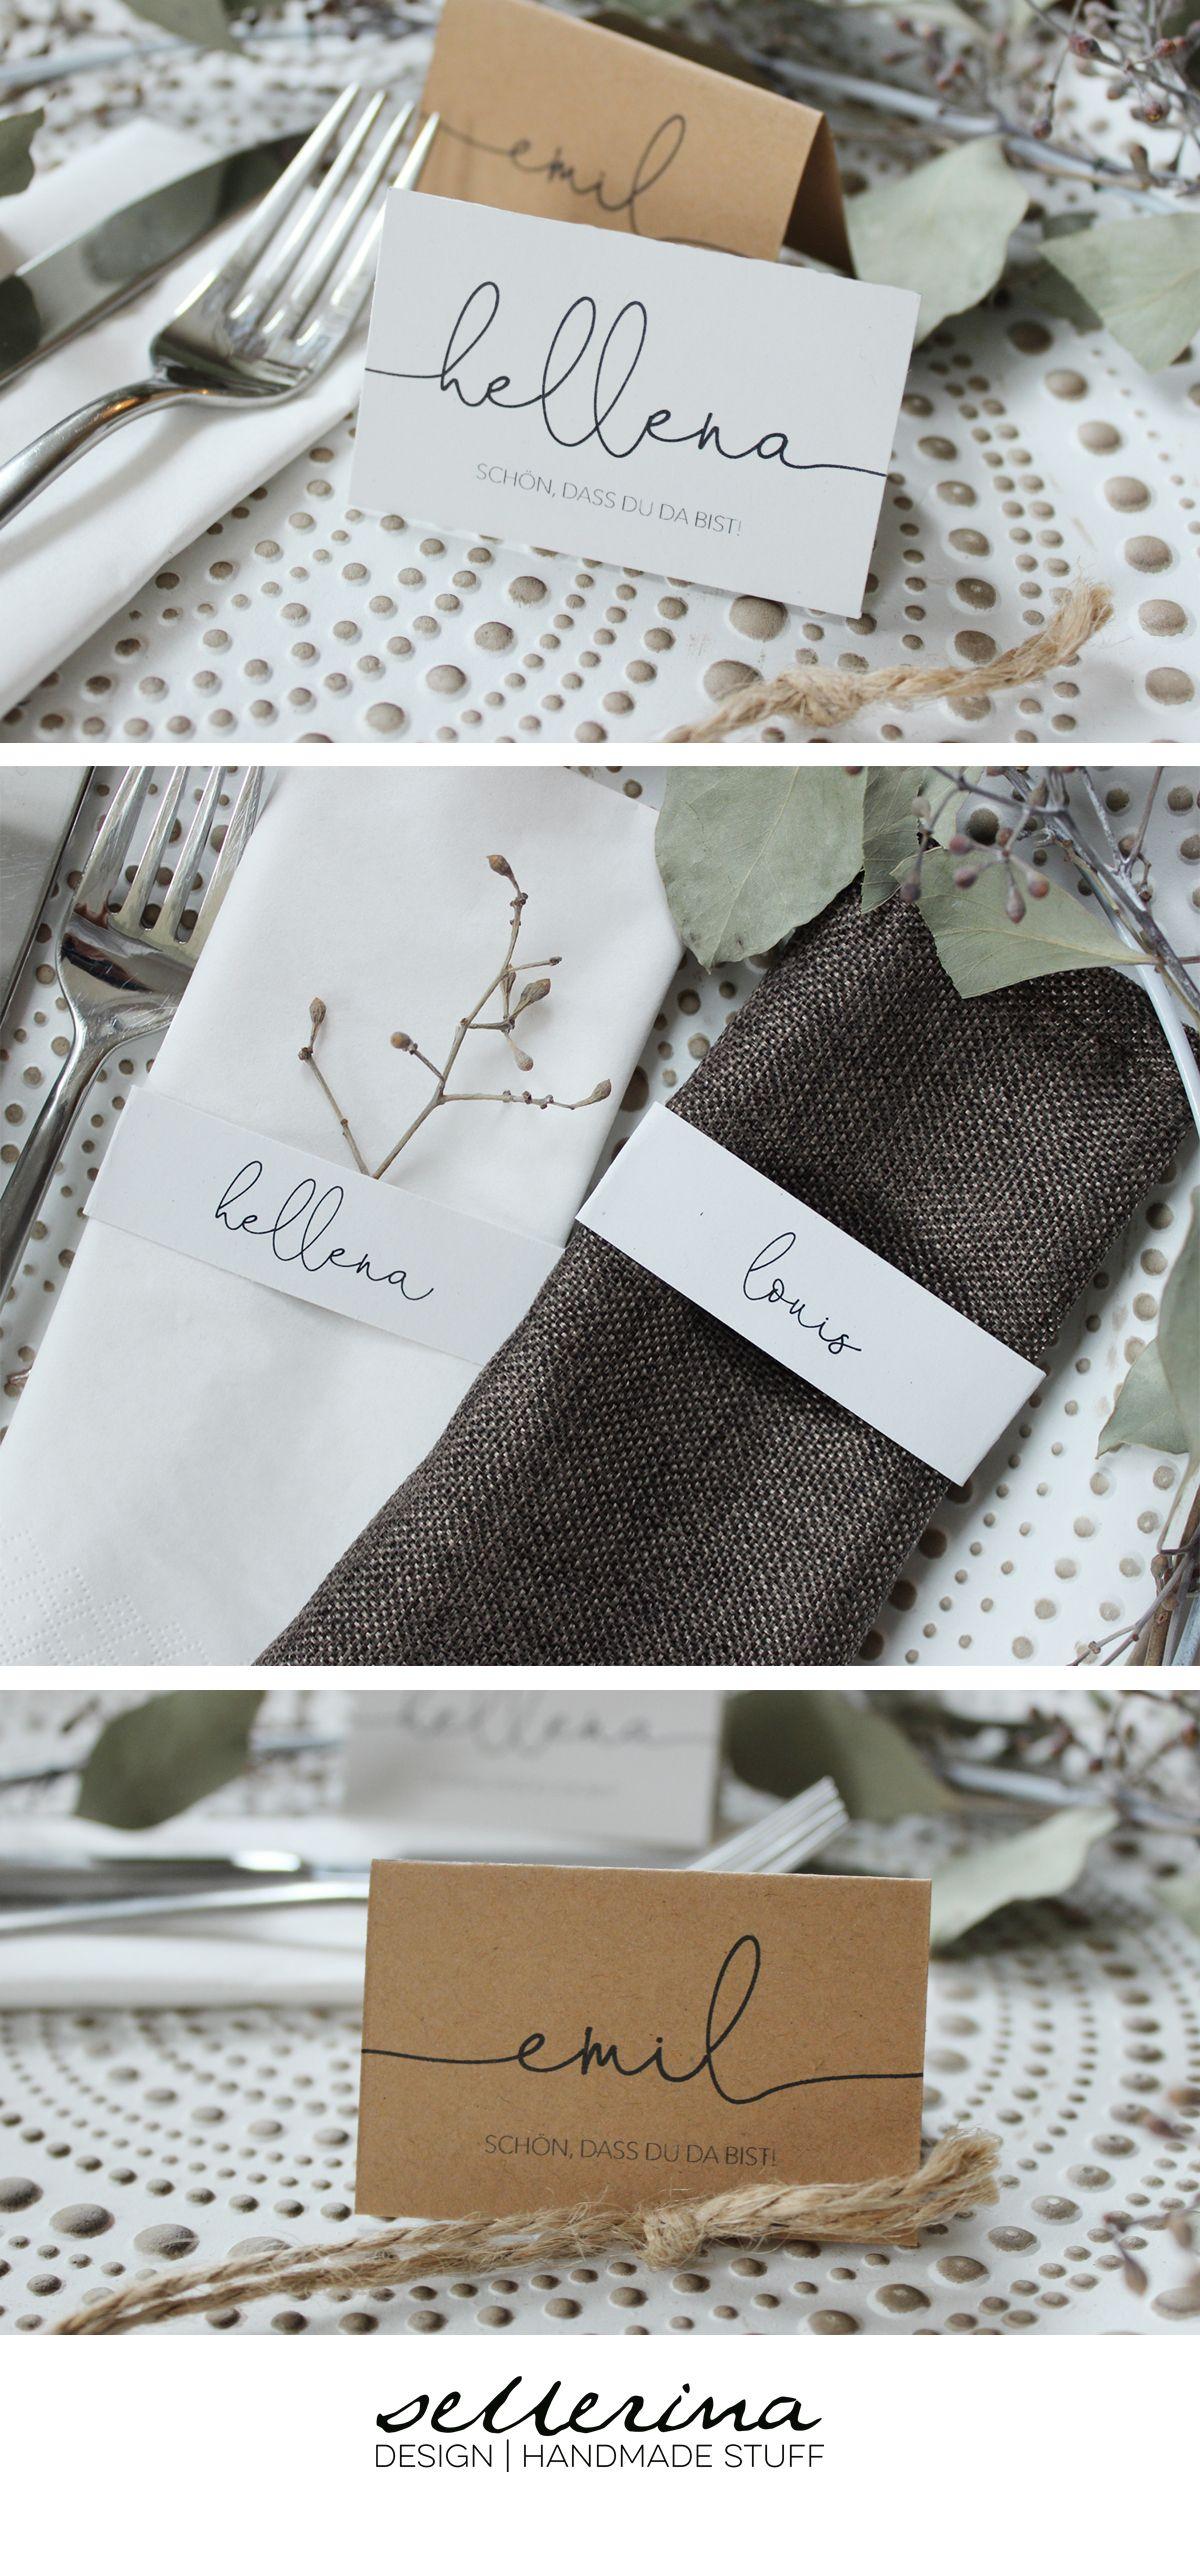 Tischkarten | Namensschilder mit individuellen Namen und Schriftzug stehendes Naturpapier, Vintage, Weiß, Hochzeit (meine Liebe)